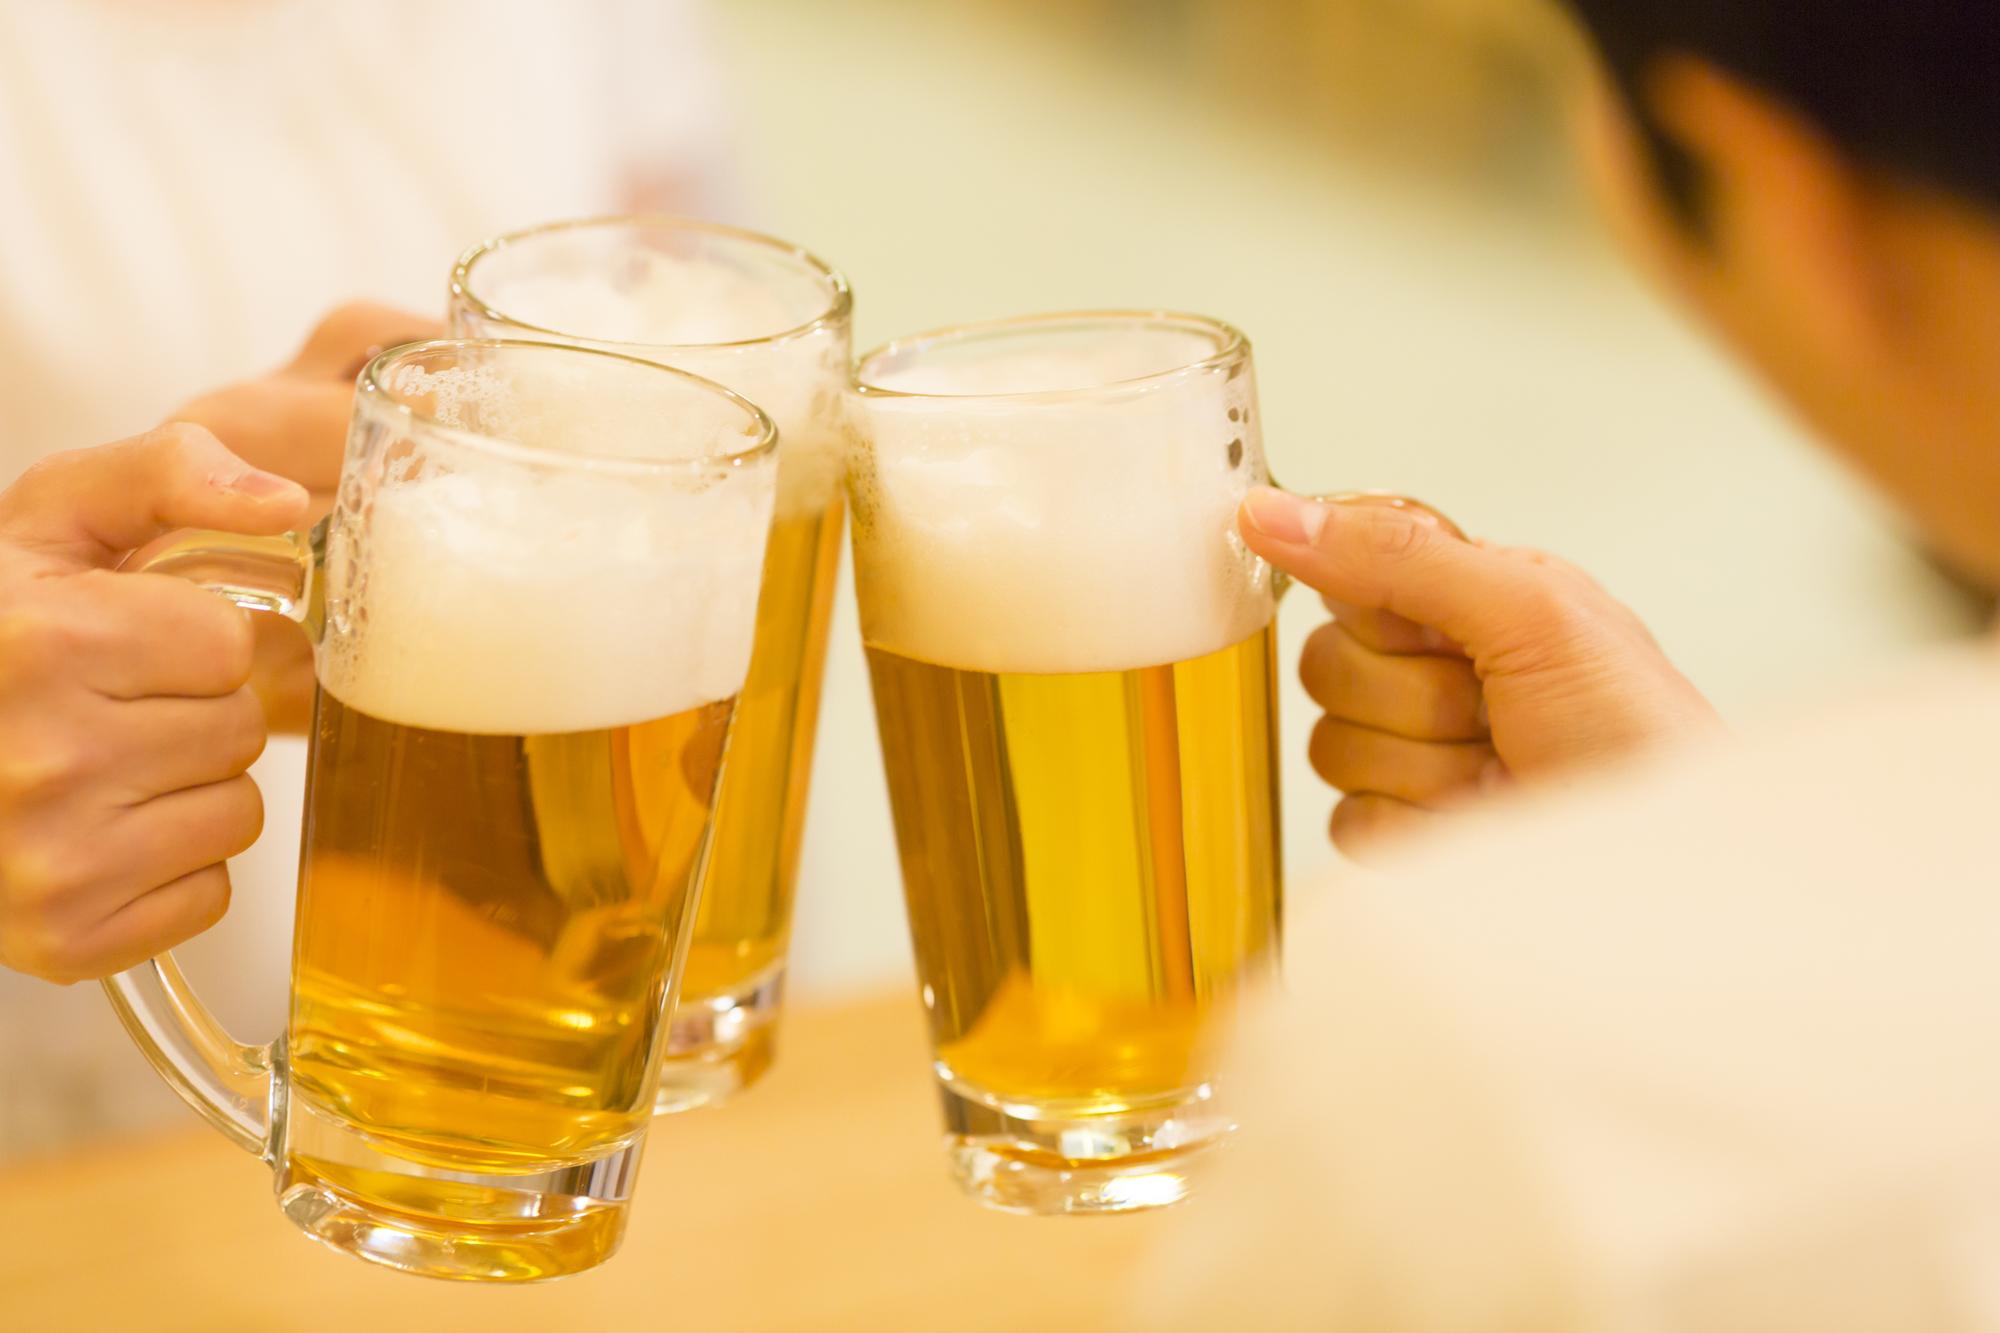 飲酒とインフルエンザの予防接種について